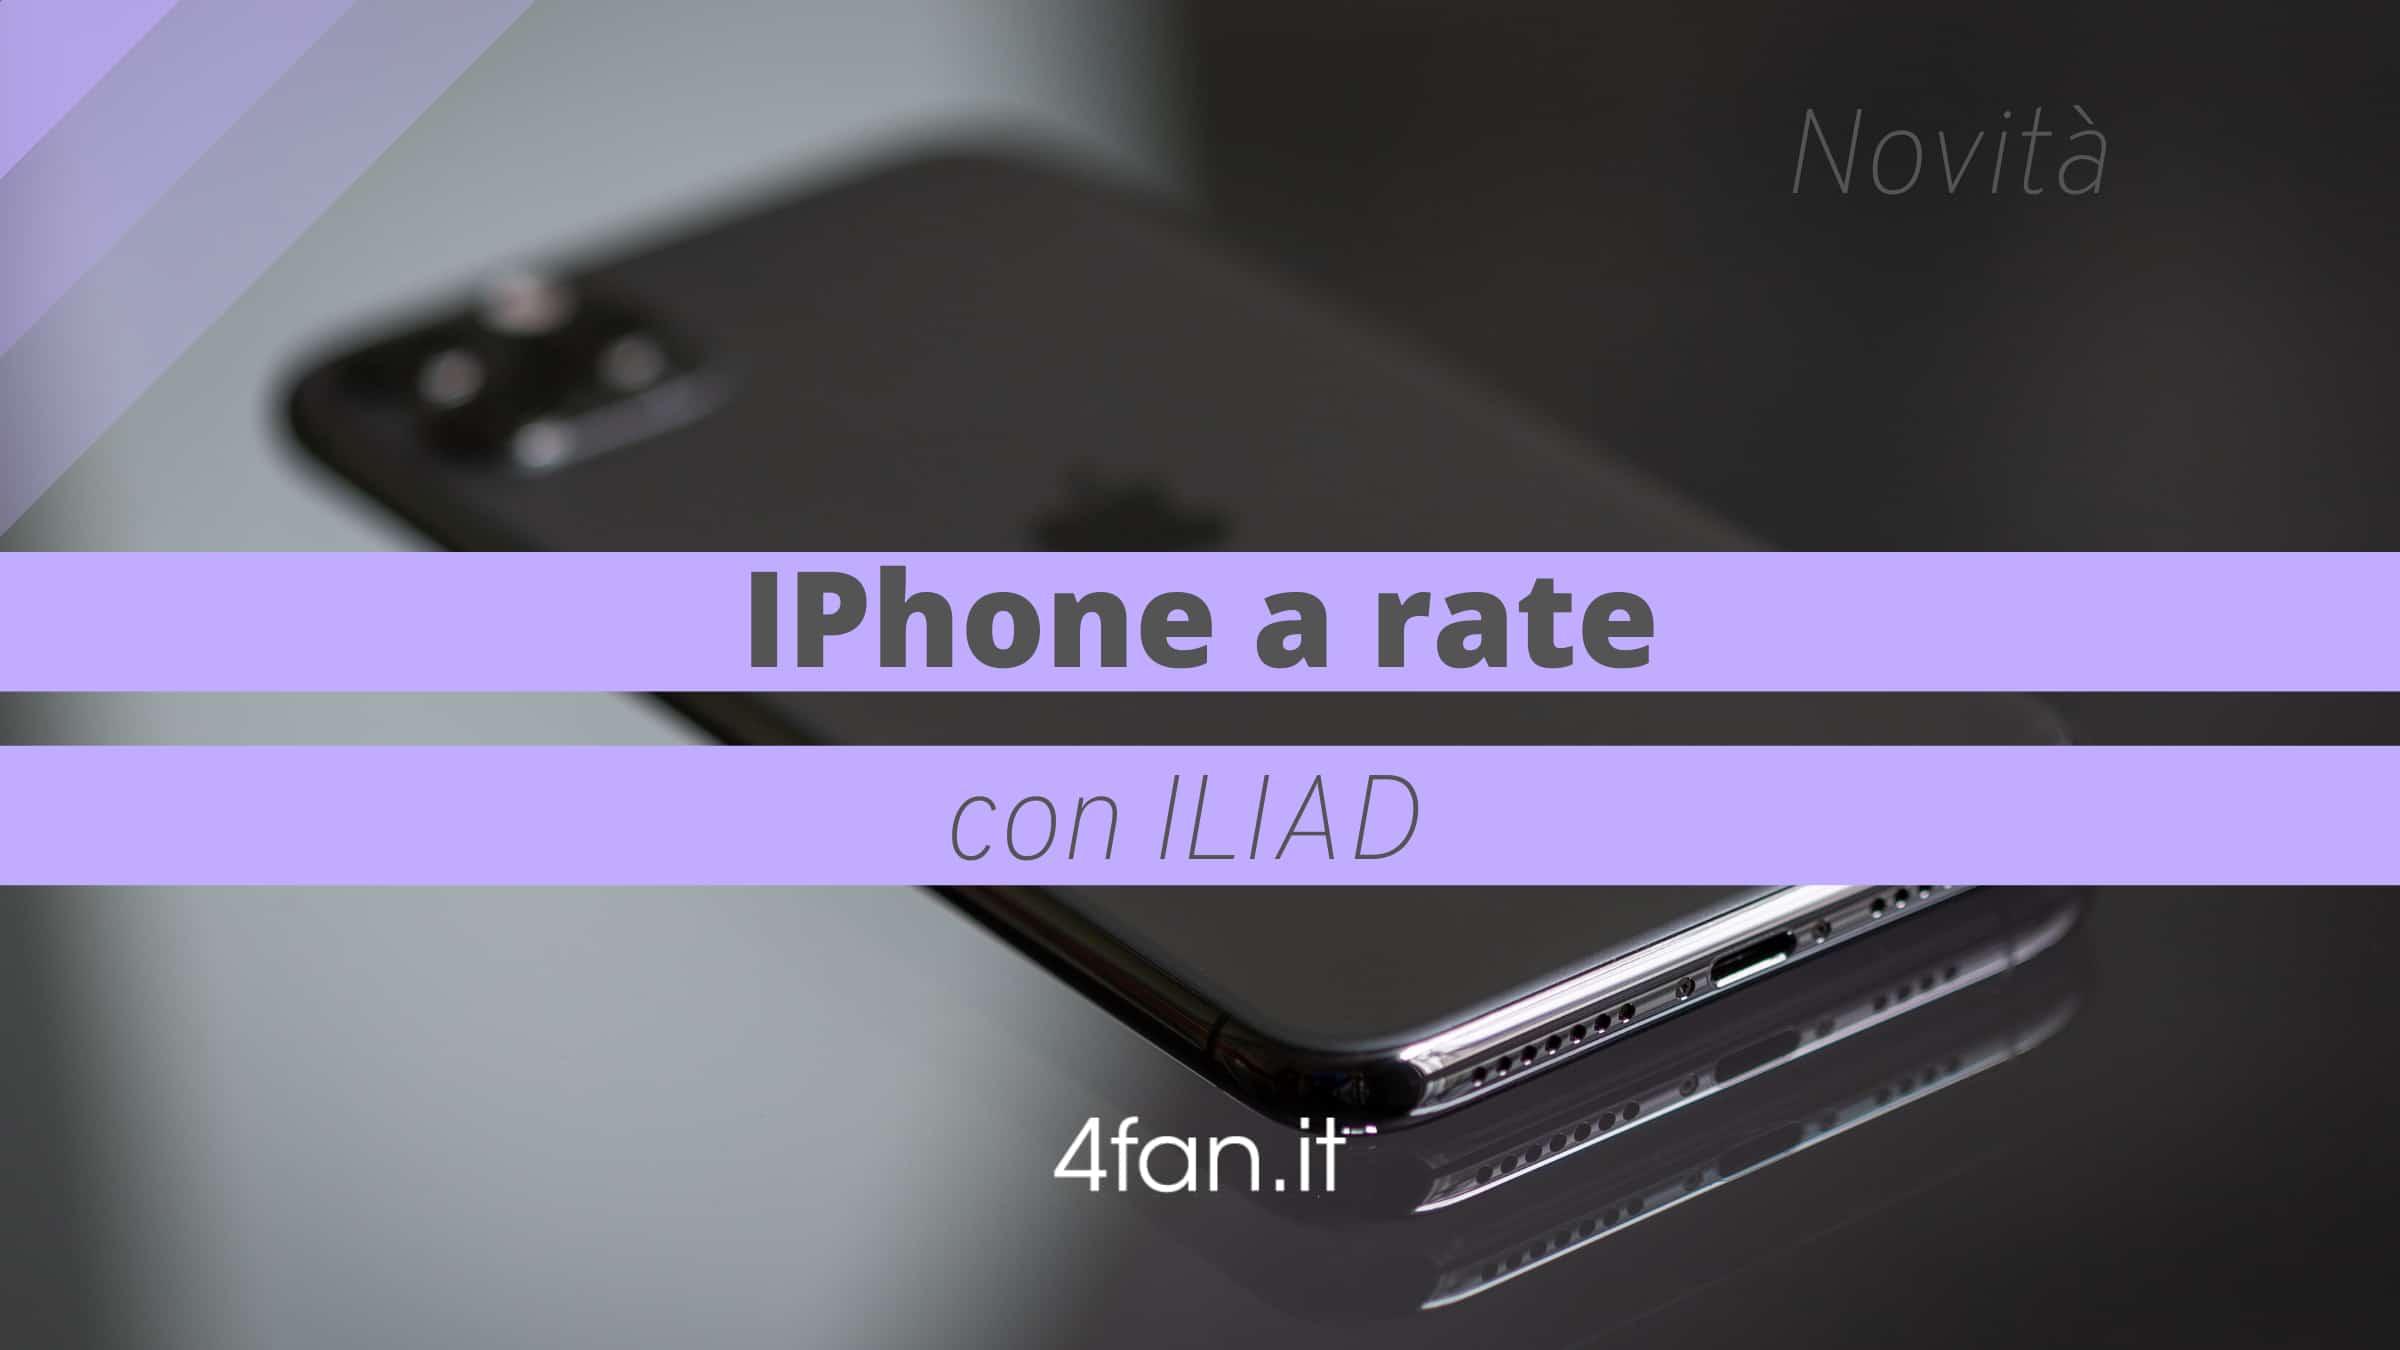 IPhone con Iliad